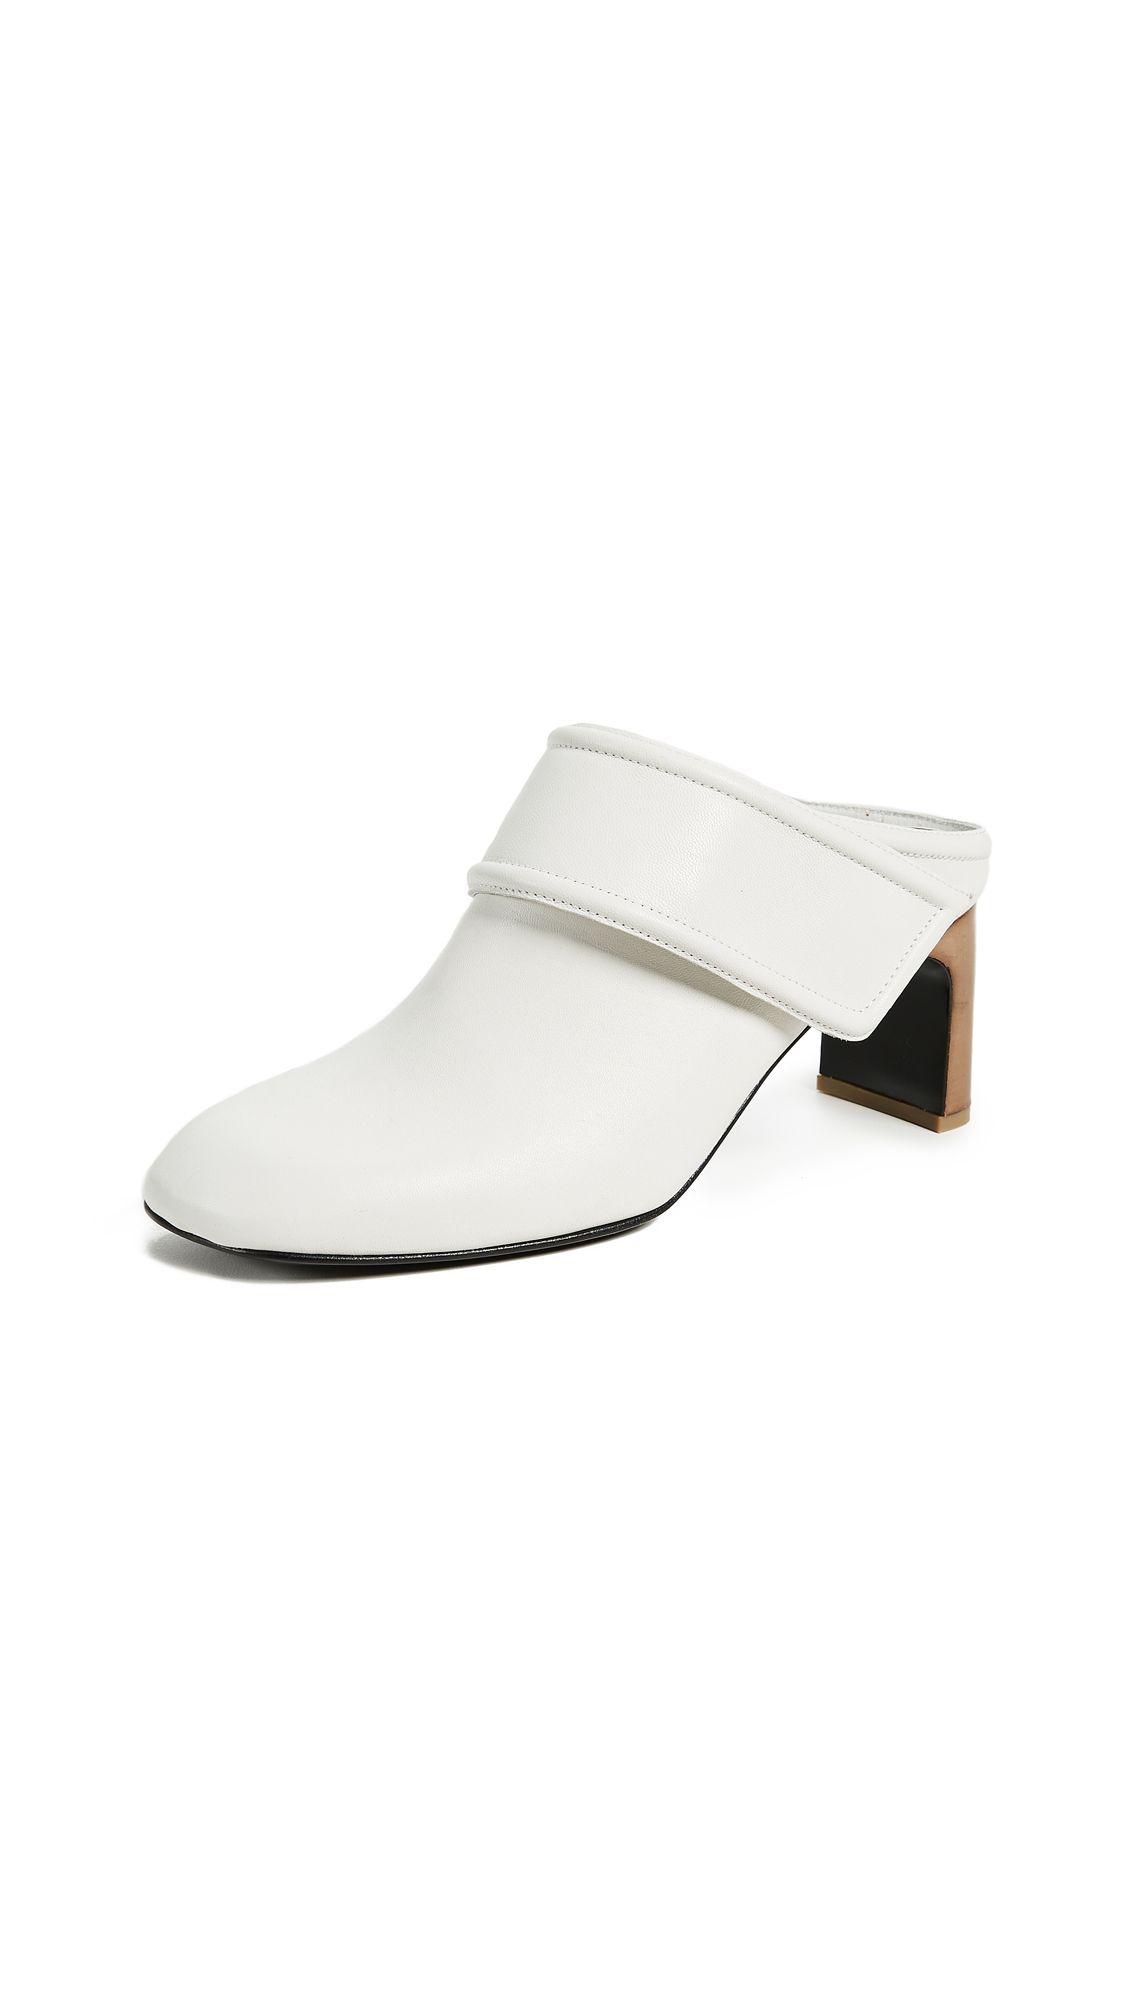 Rag \u0026 Bone Elliot Mid-heel Leather